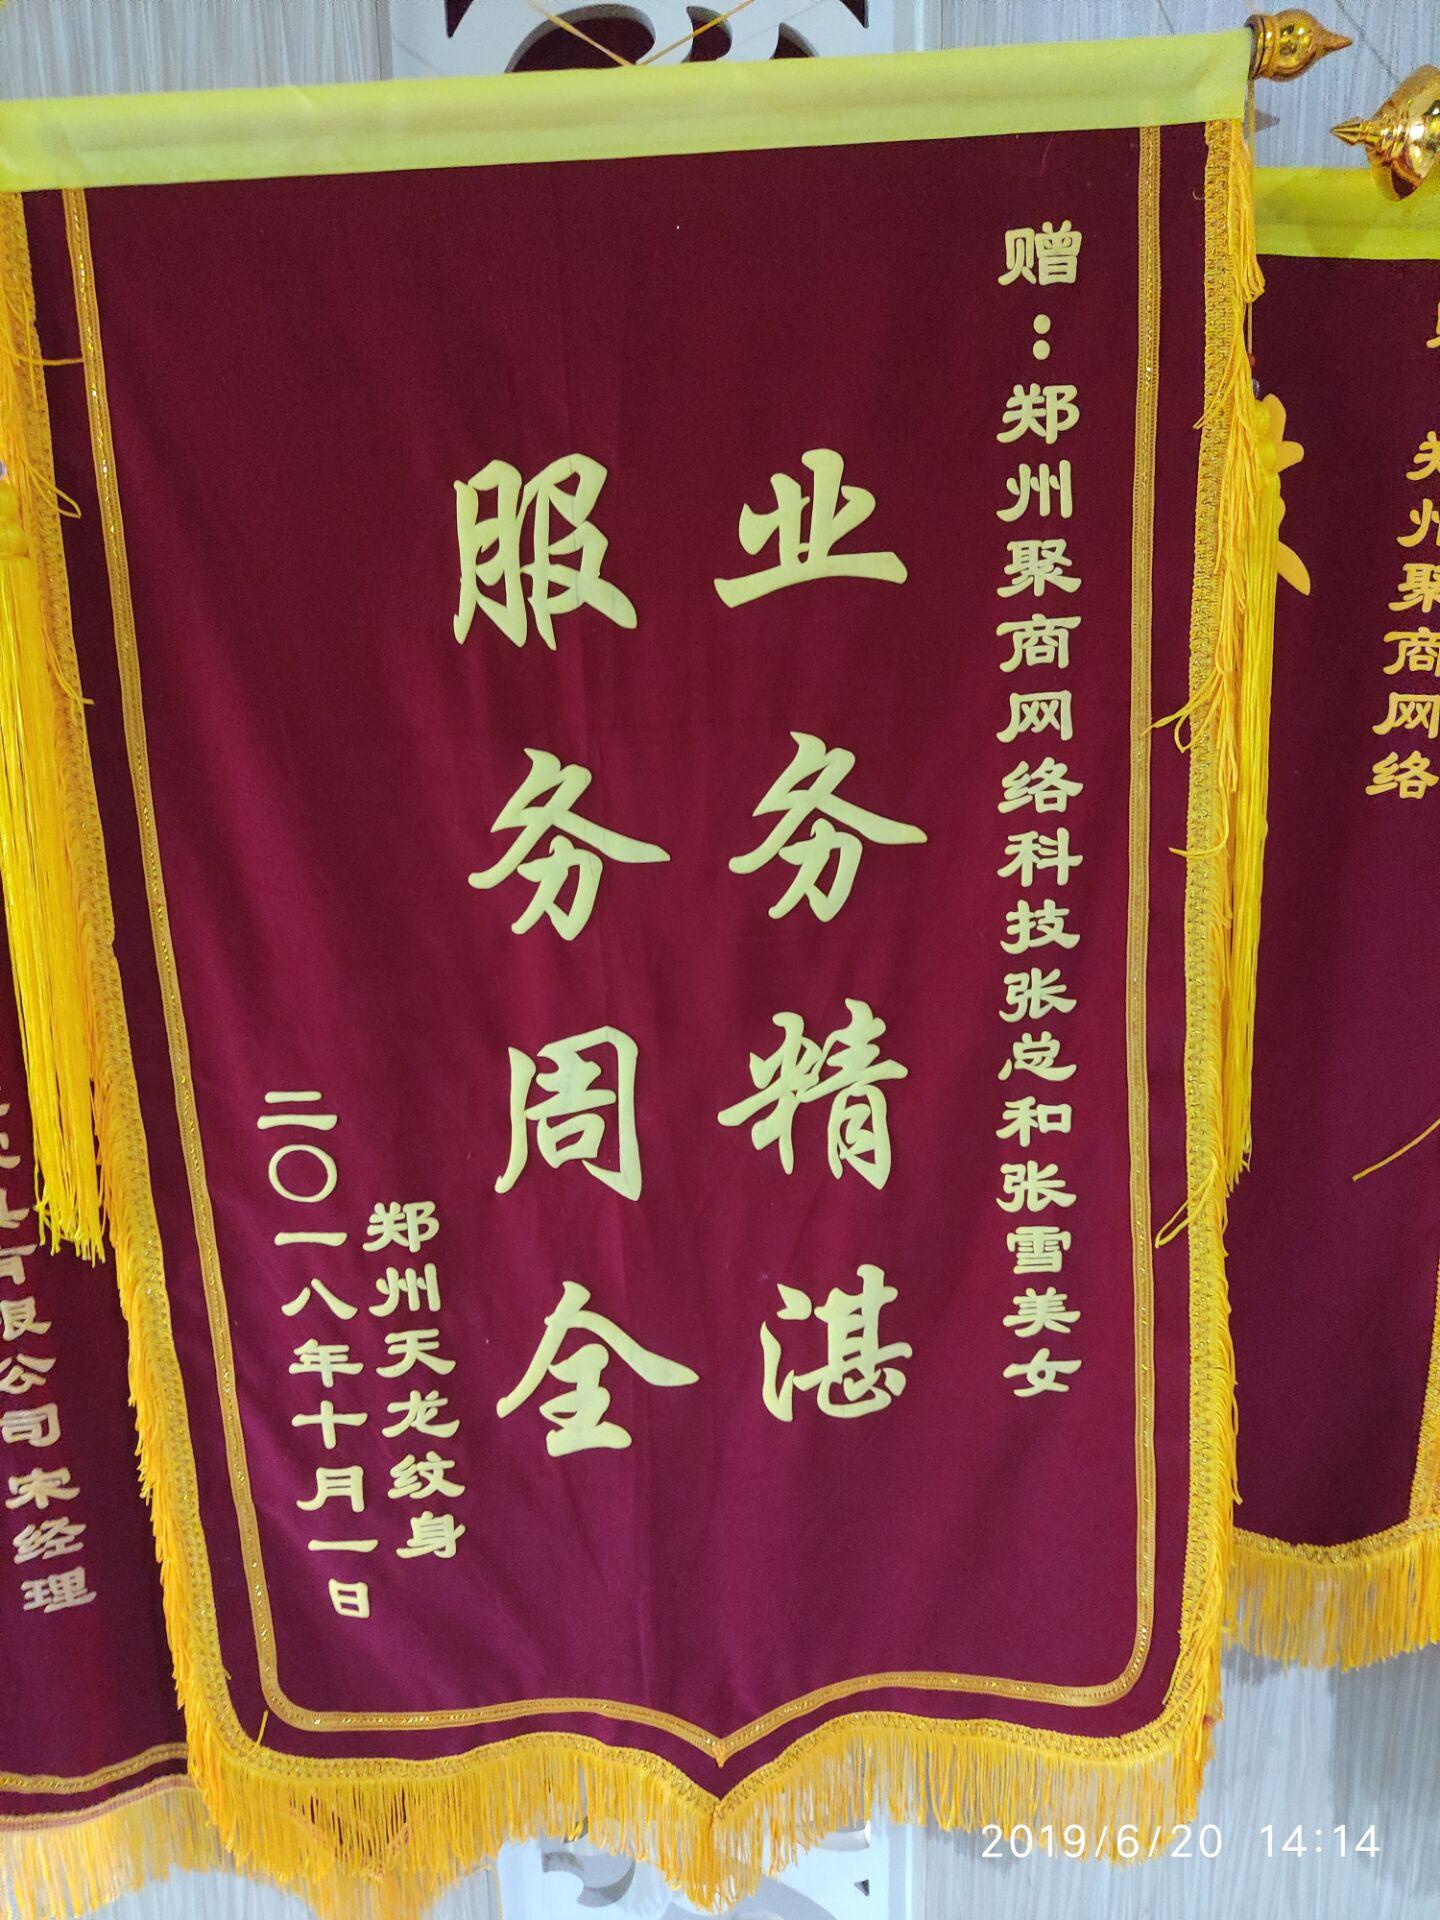 鄭州天龍紋身贈送的錦旗